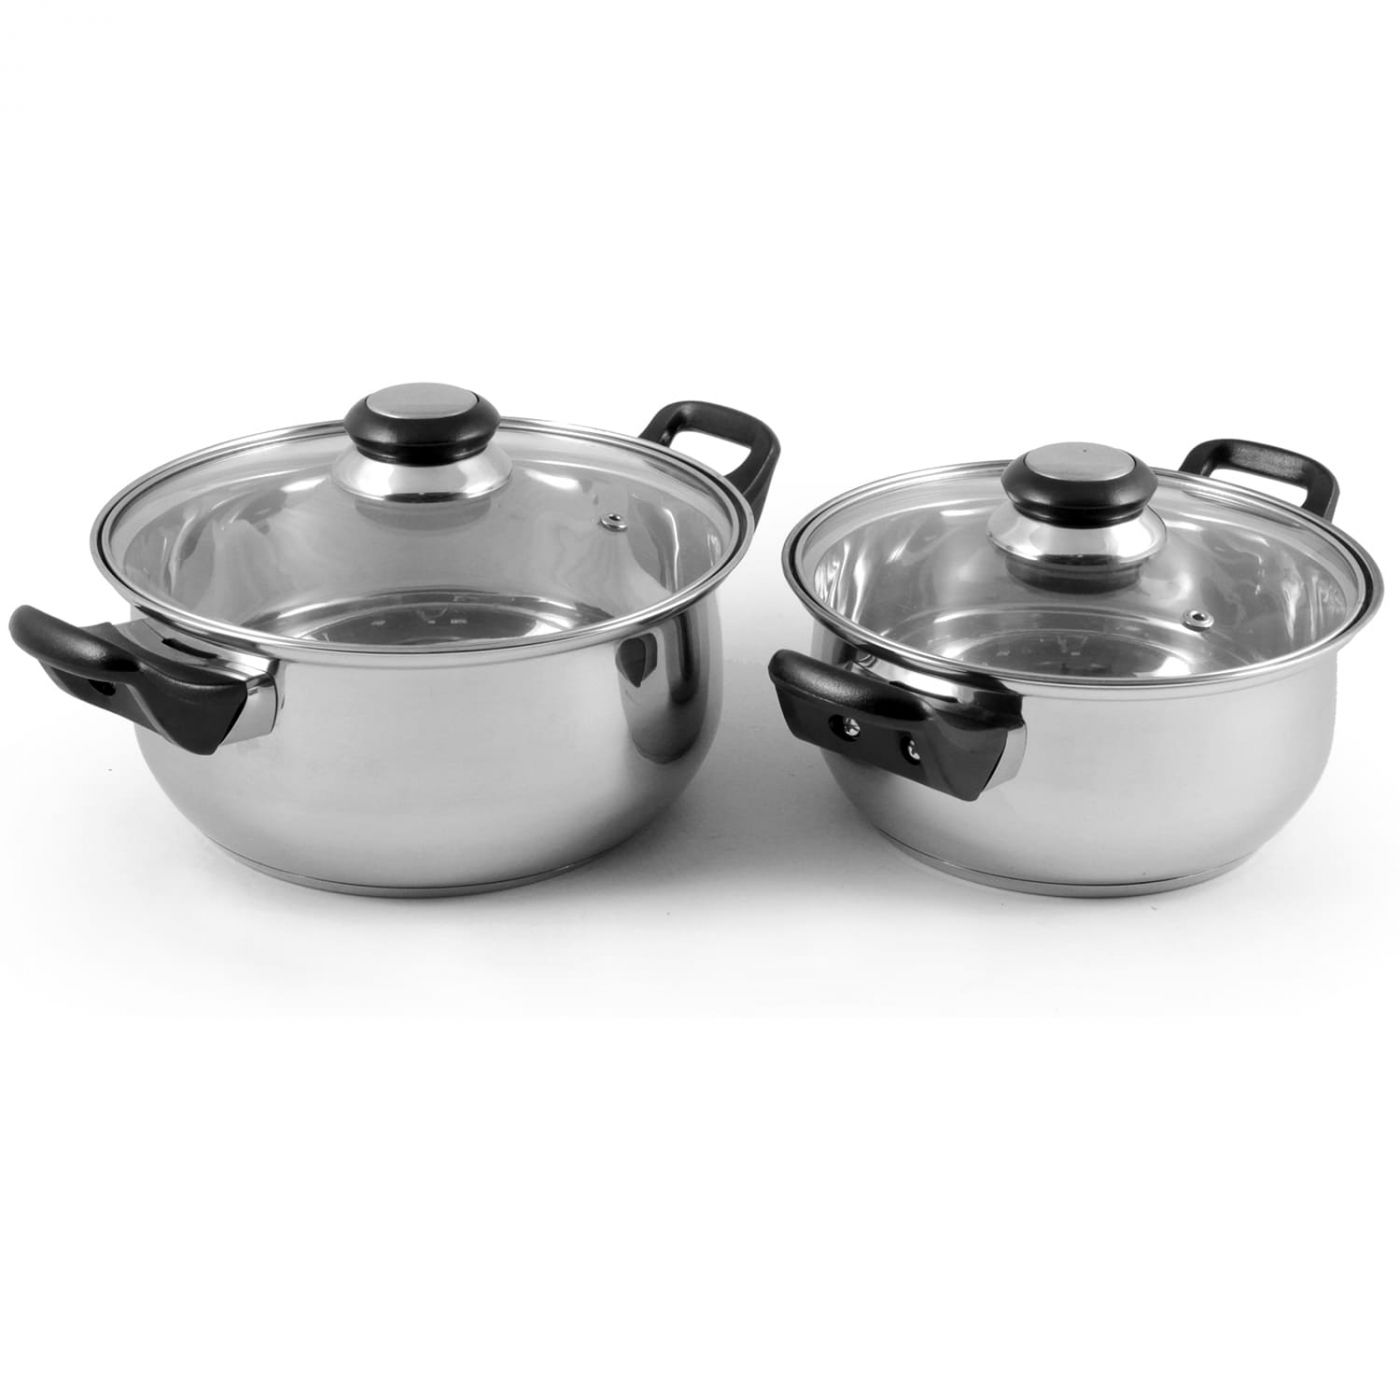 Набор посуды из 4 предметов BAKS-SET-4 из нерж стали (2 кастрюли с крышками - 2/2,8 л; 18/20 см-диа)